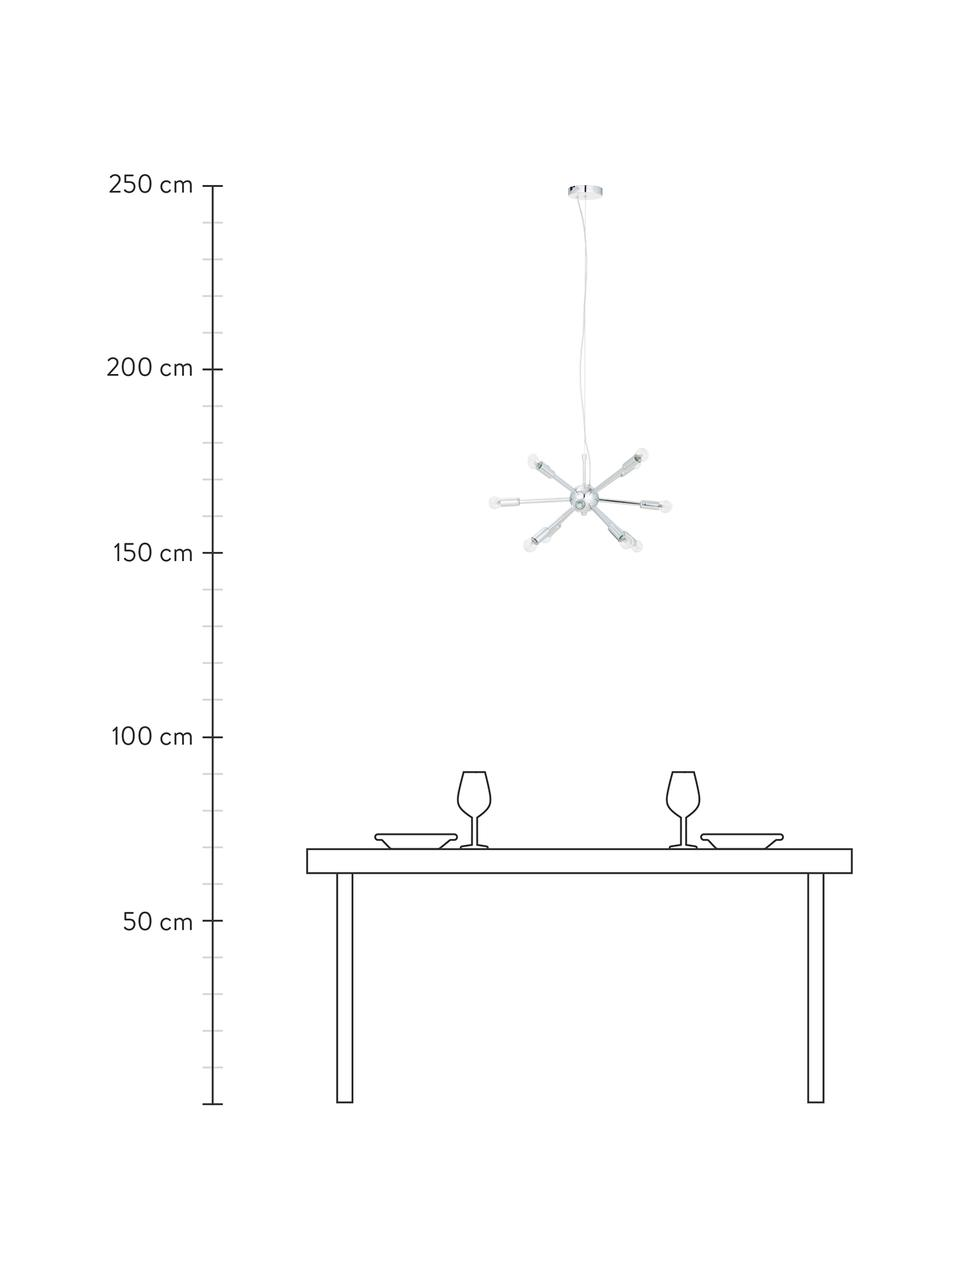 Lampada a sospensione  in cromo Spike, Paralume: metallo cromato, Baldacchino: metallo cromato, Cromo, Ø 50 cm